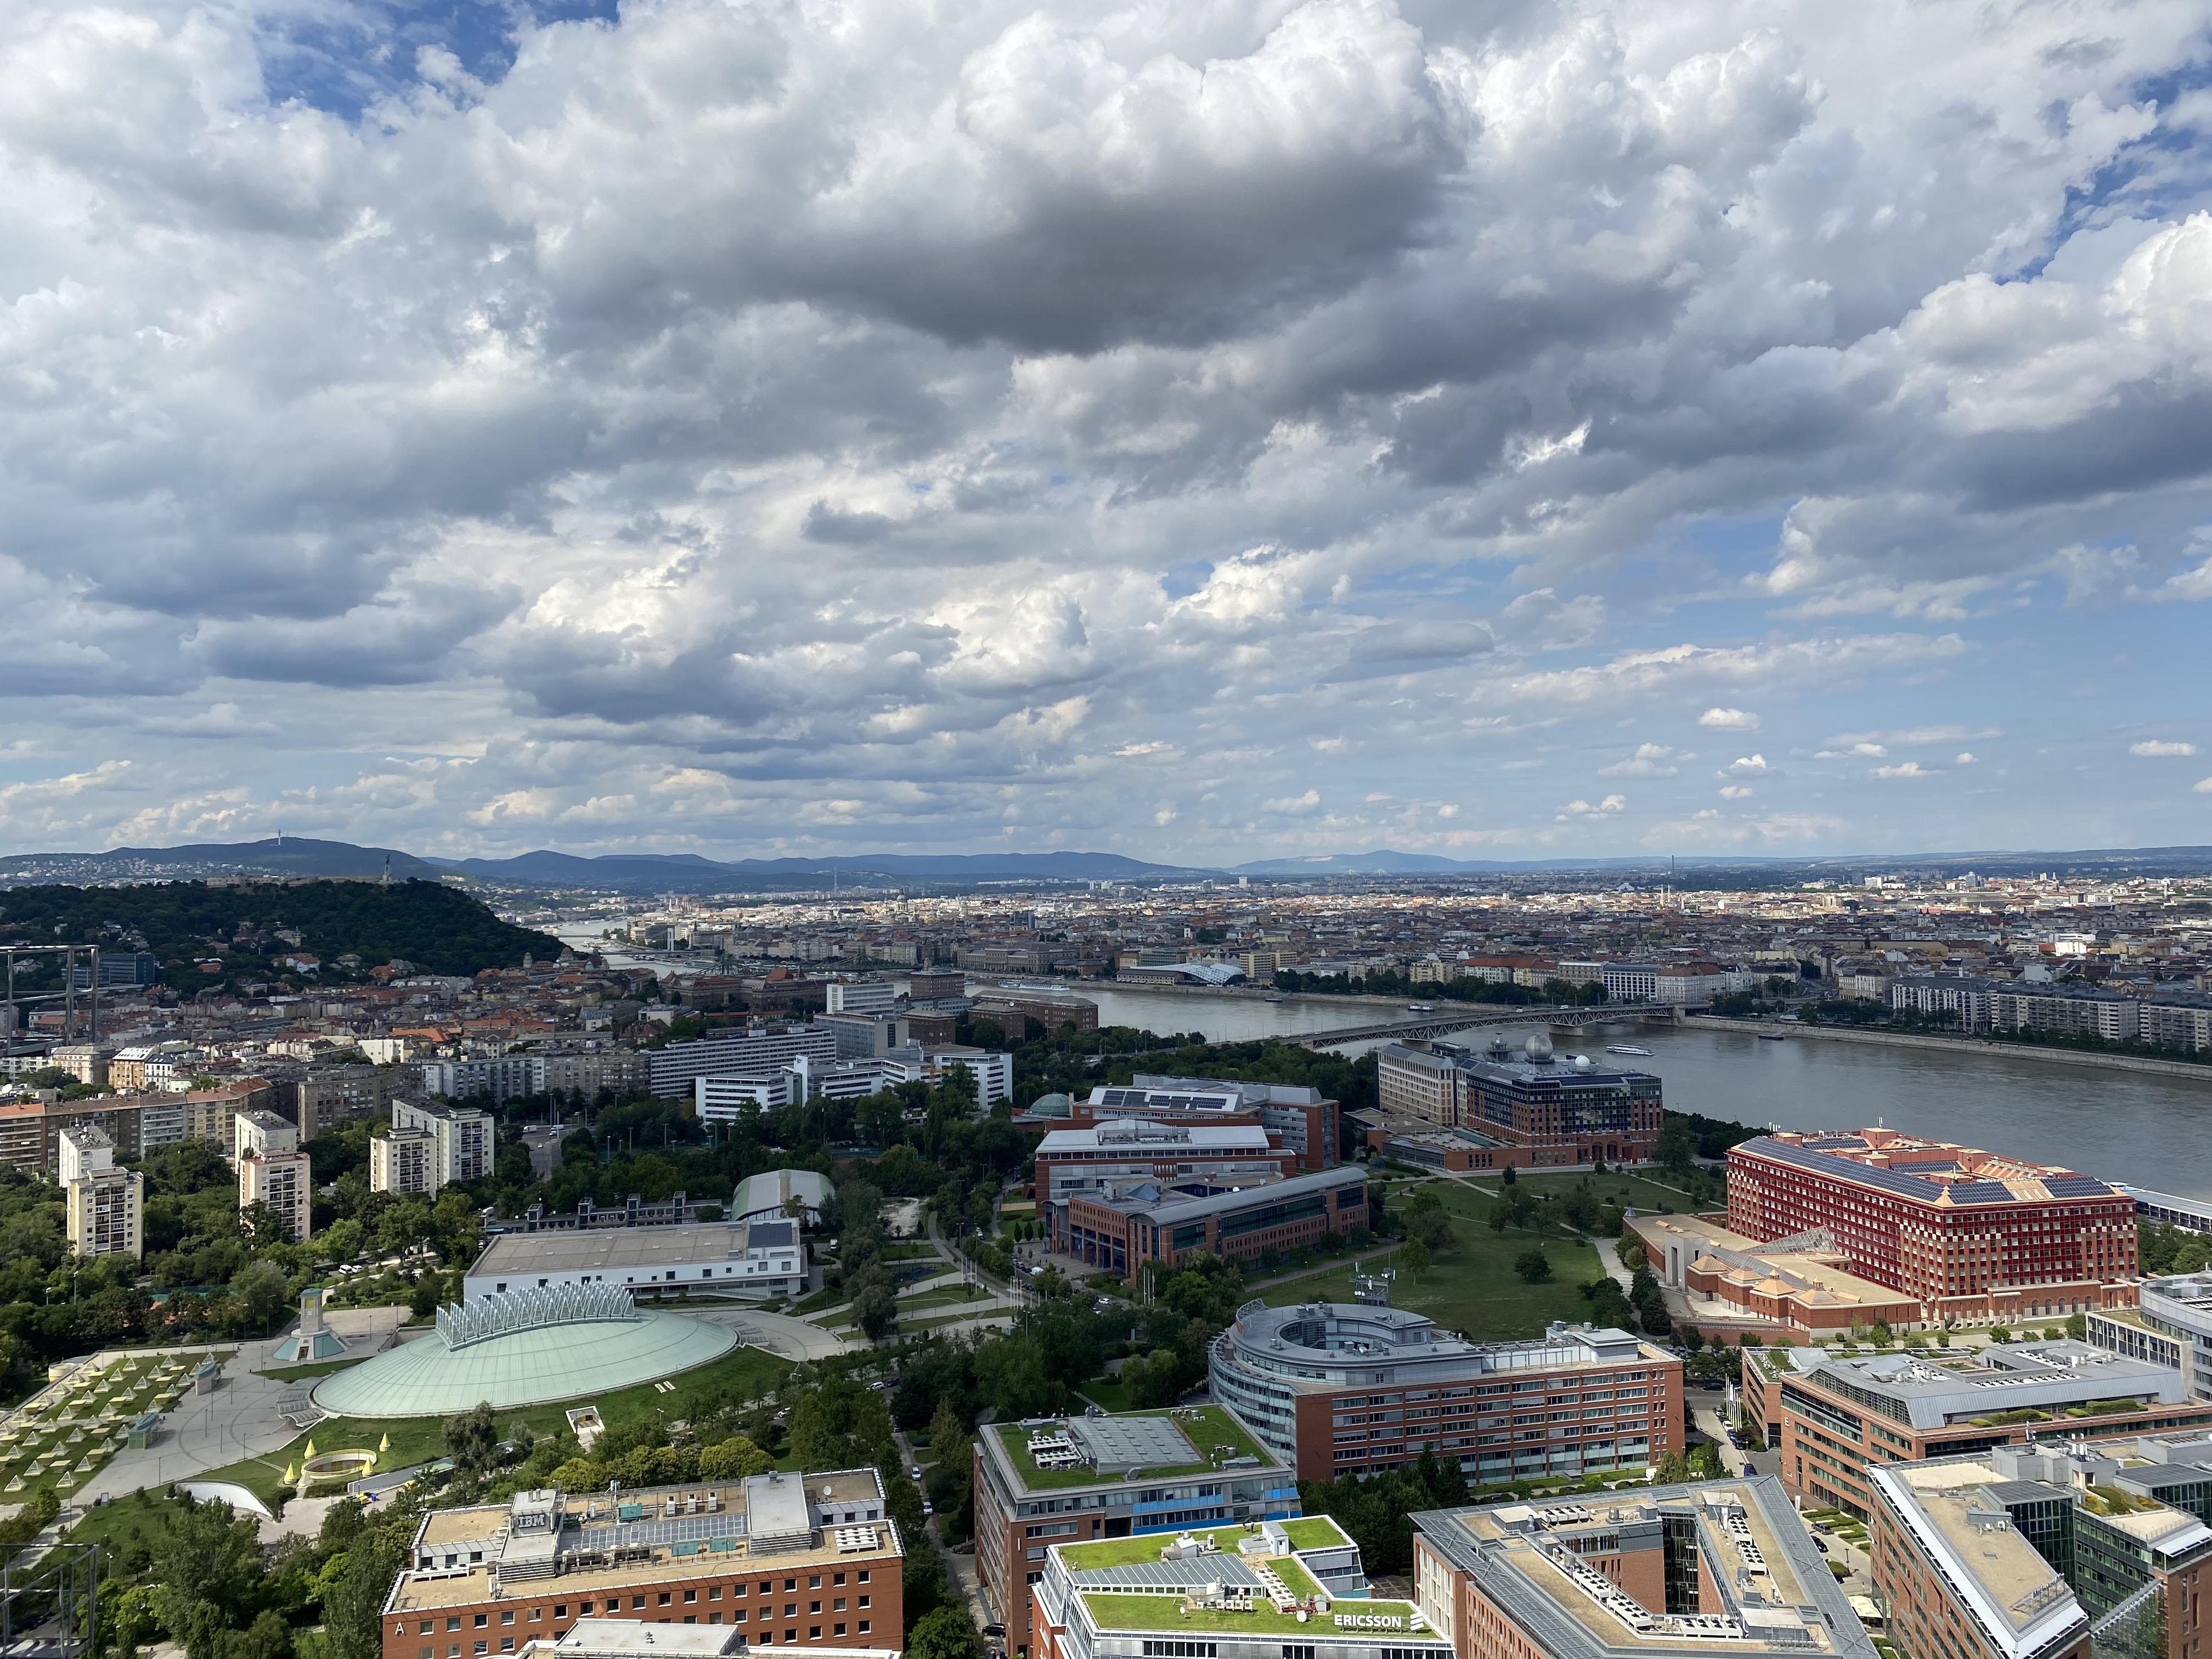 Mi lesz az első magyar felhőkarcolóból: hivalkodó pöcs, szúnyogcsapda vagy kukoricacső?